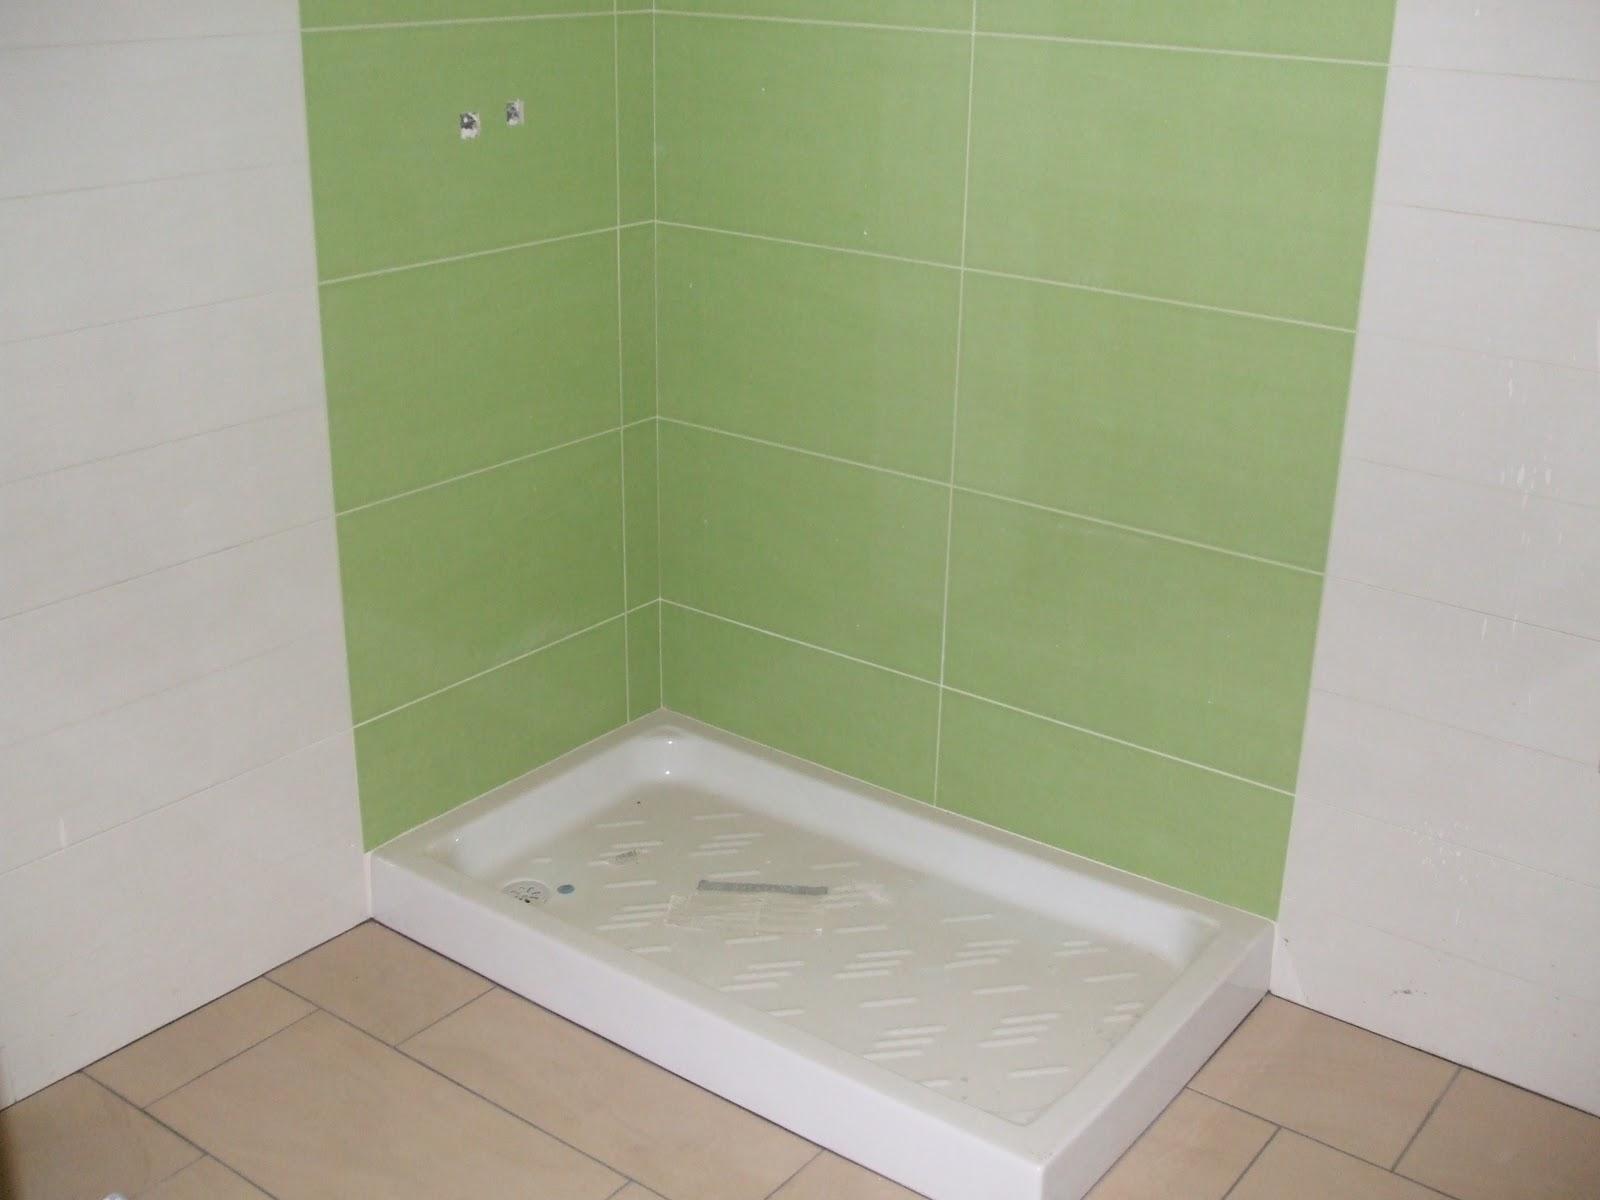 Baño Verde Con Blanco:AZULEJOS, ALICATADOS Y ALICATADORES: ALICATADO EN VIVIENDA PARTICULAR